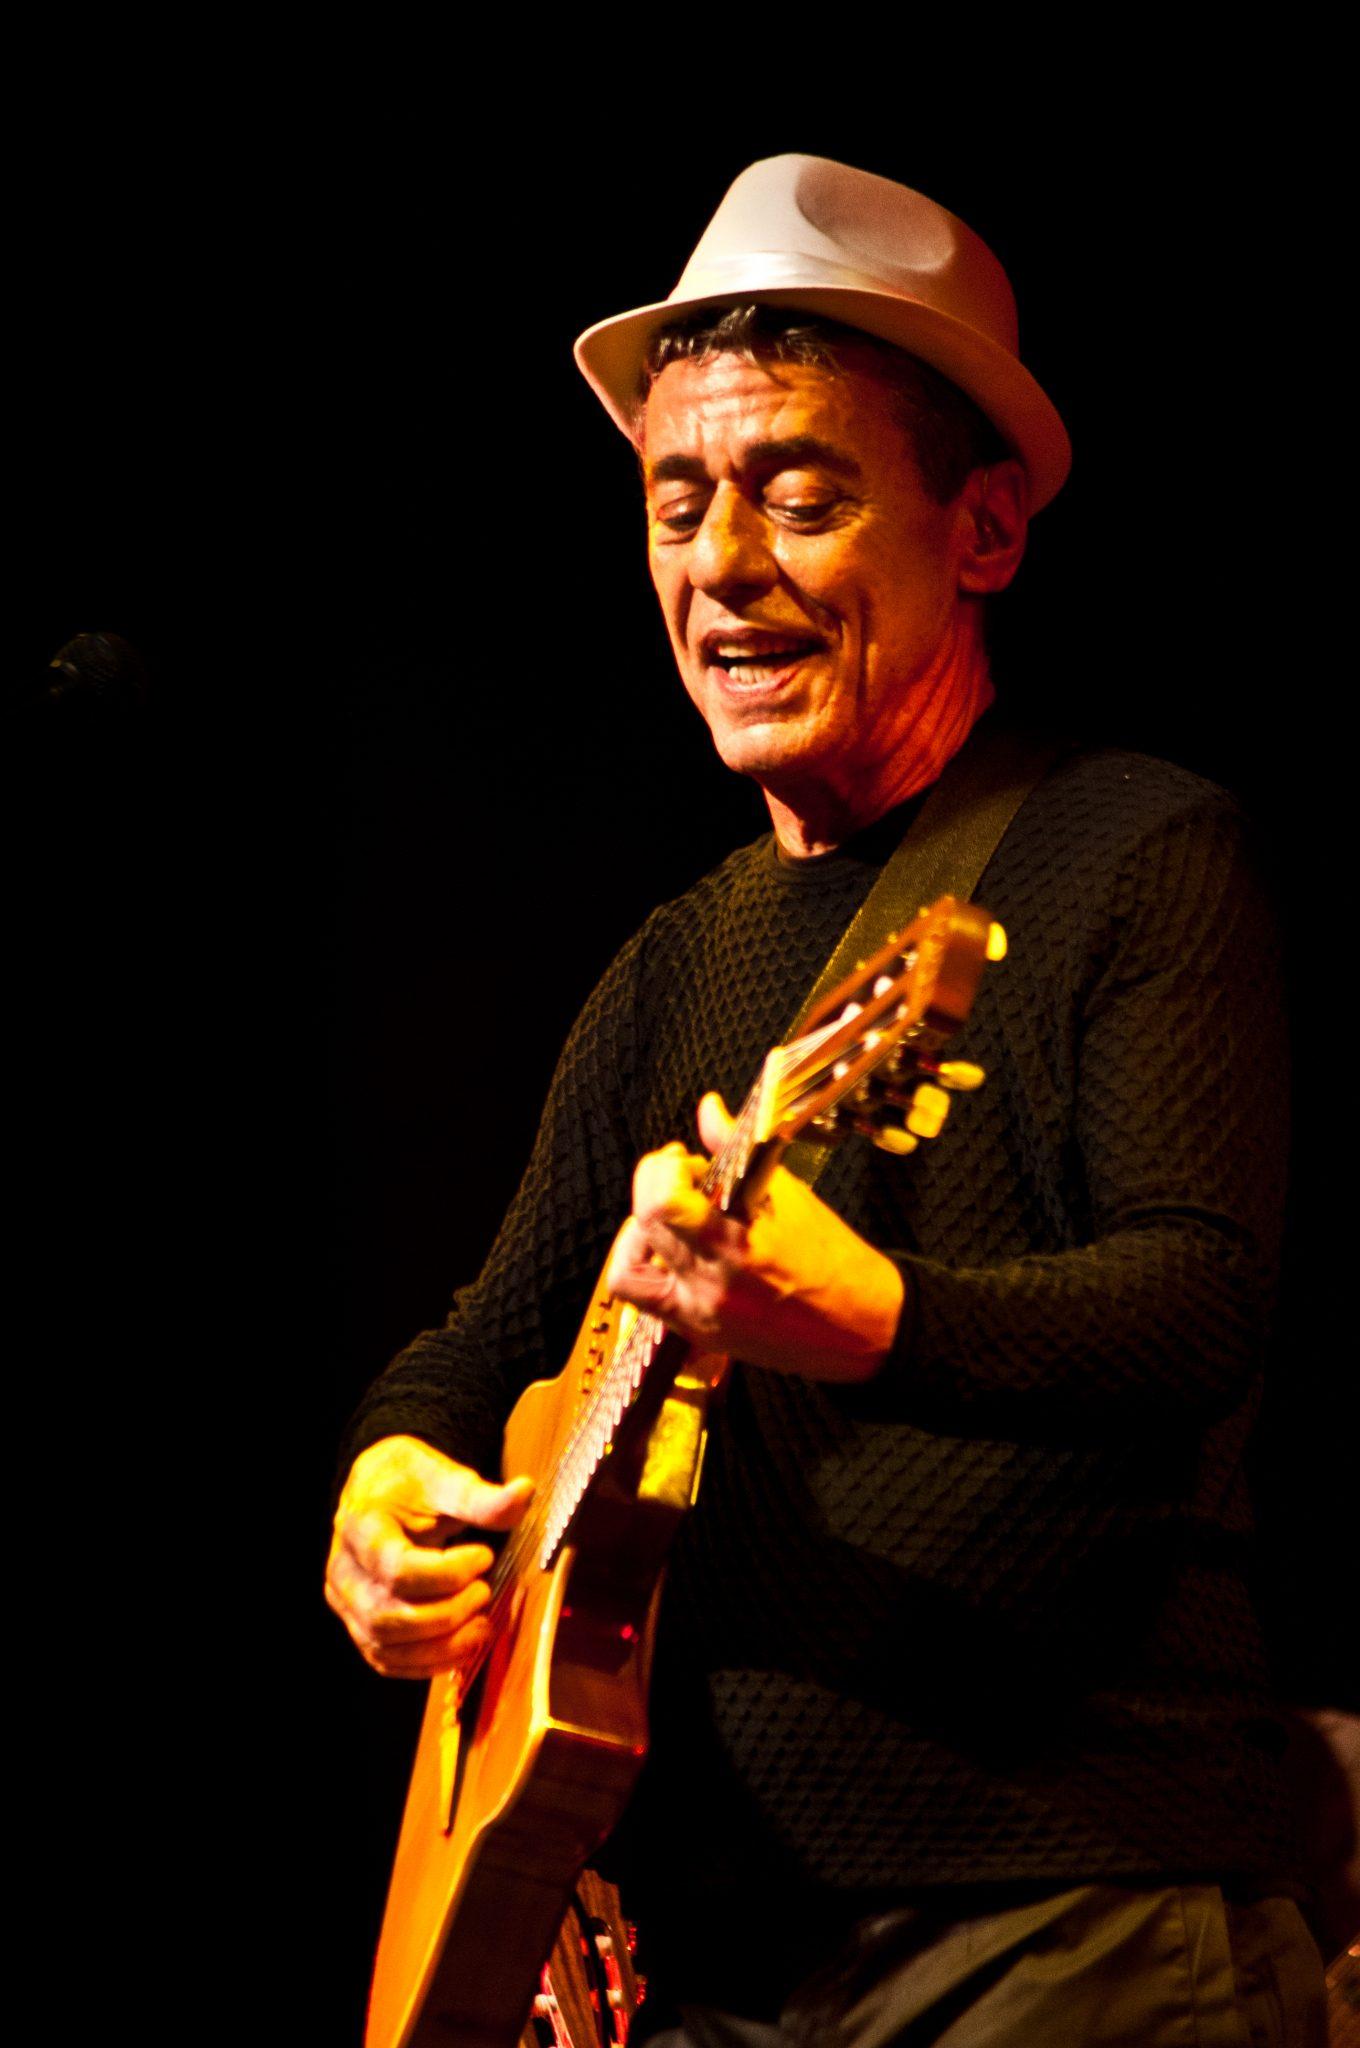 fotografía del artista Chico Buarque tocando guitarra